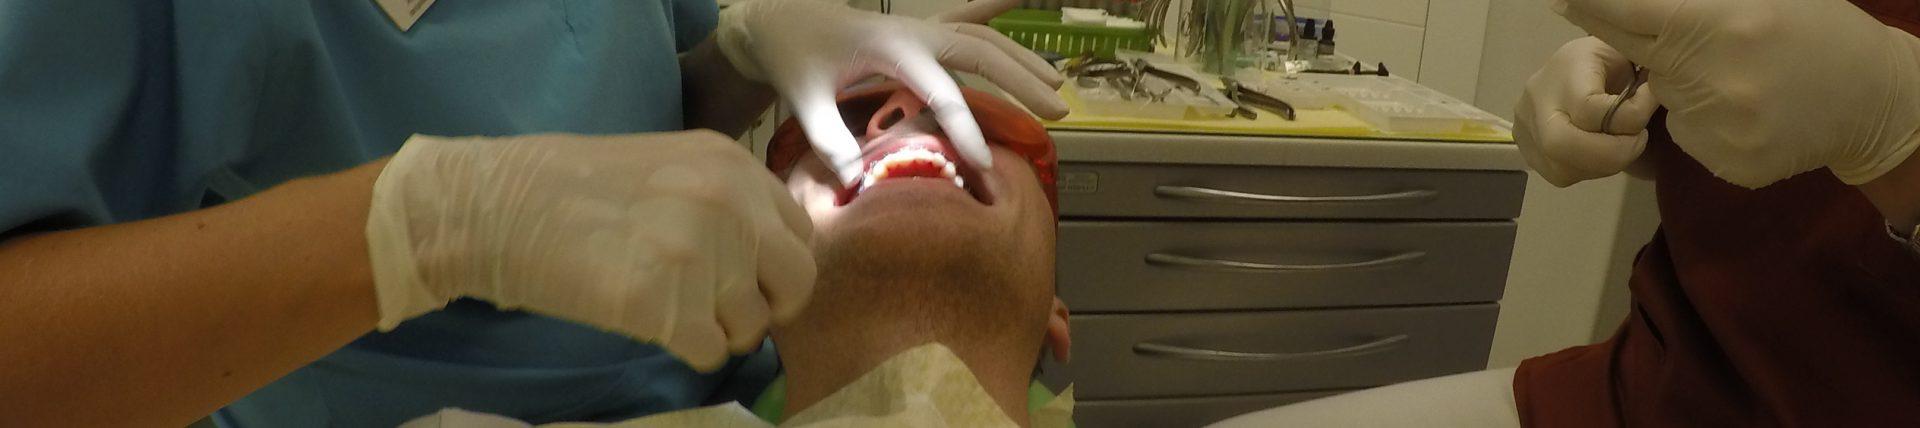 zabieg zakładanie aparatu ortodontycznego